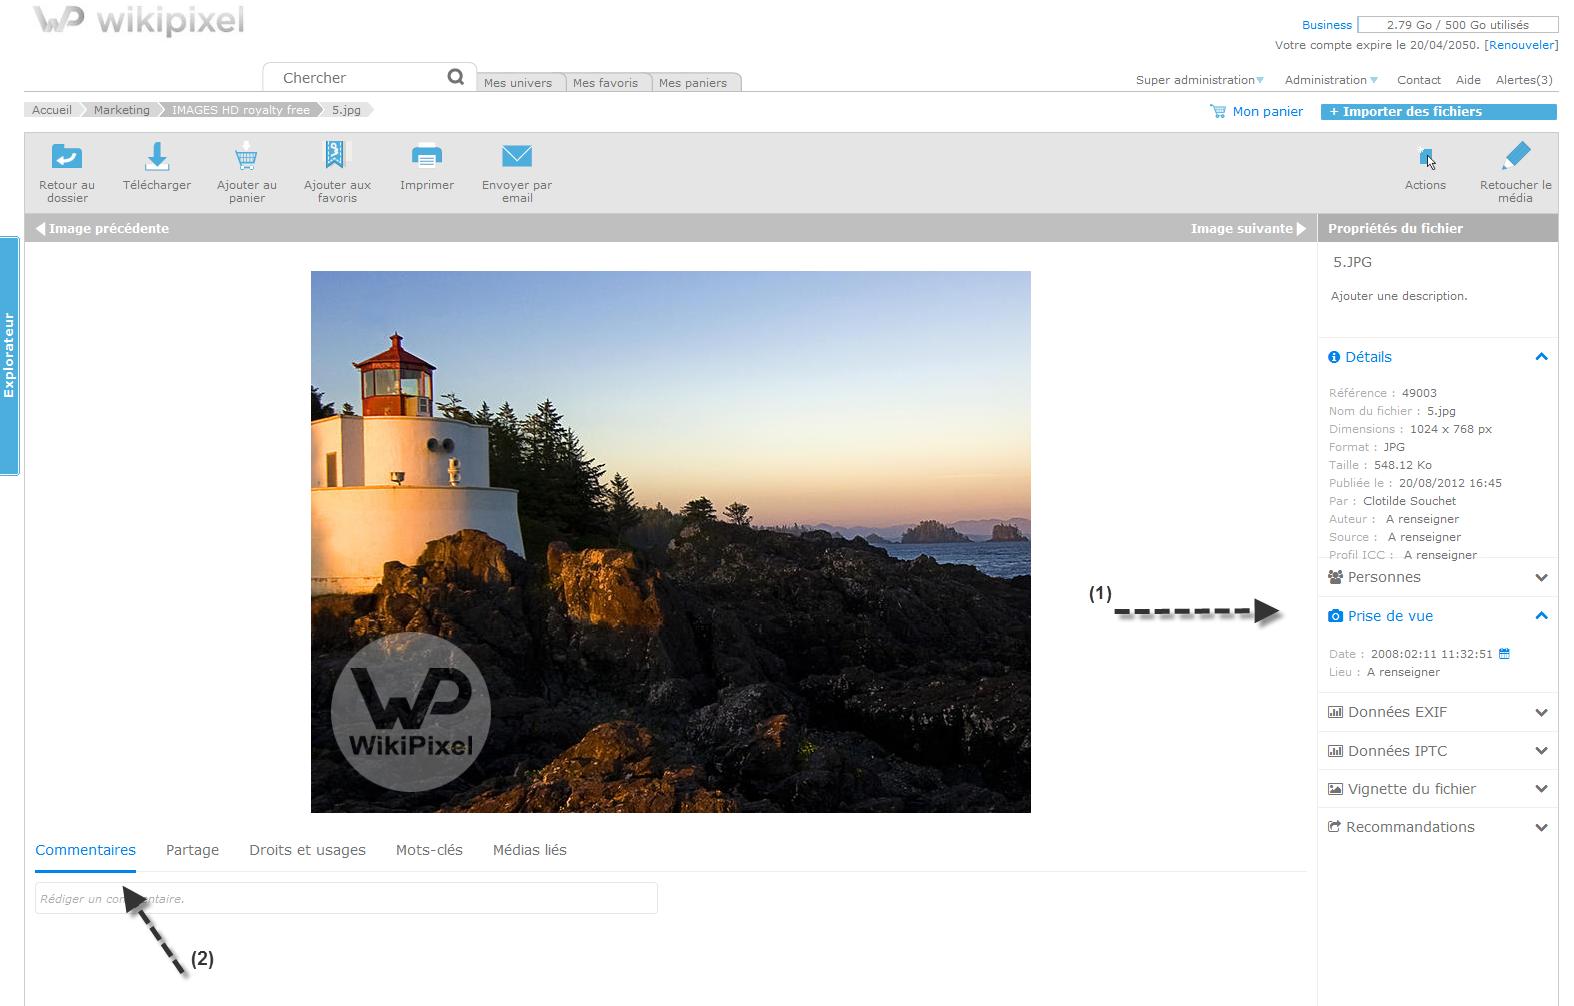 Capture nouvelle ergonomique Wikipixel